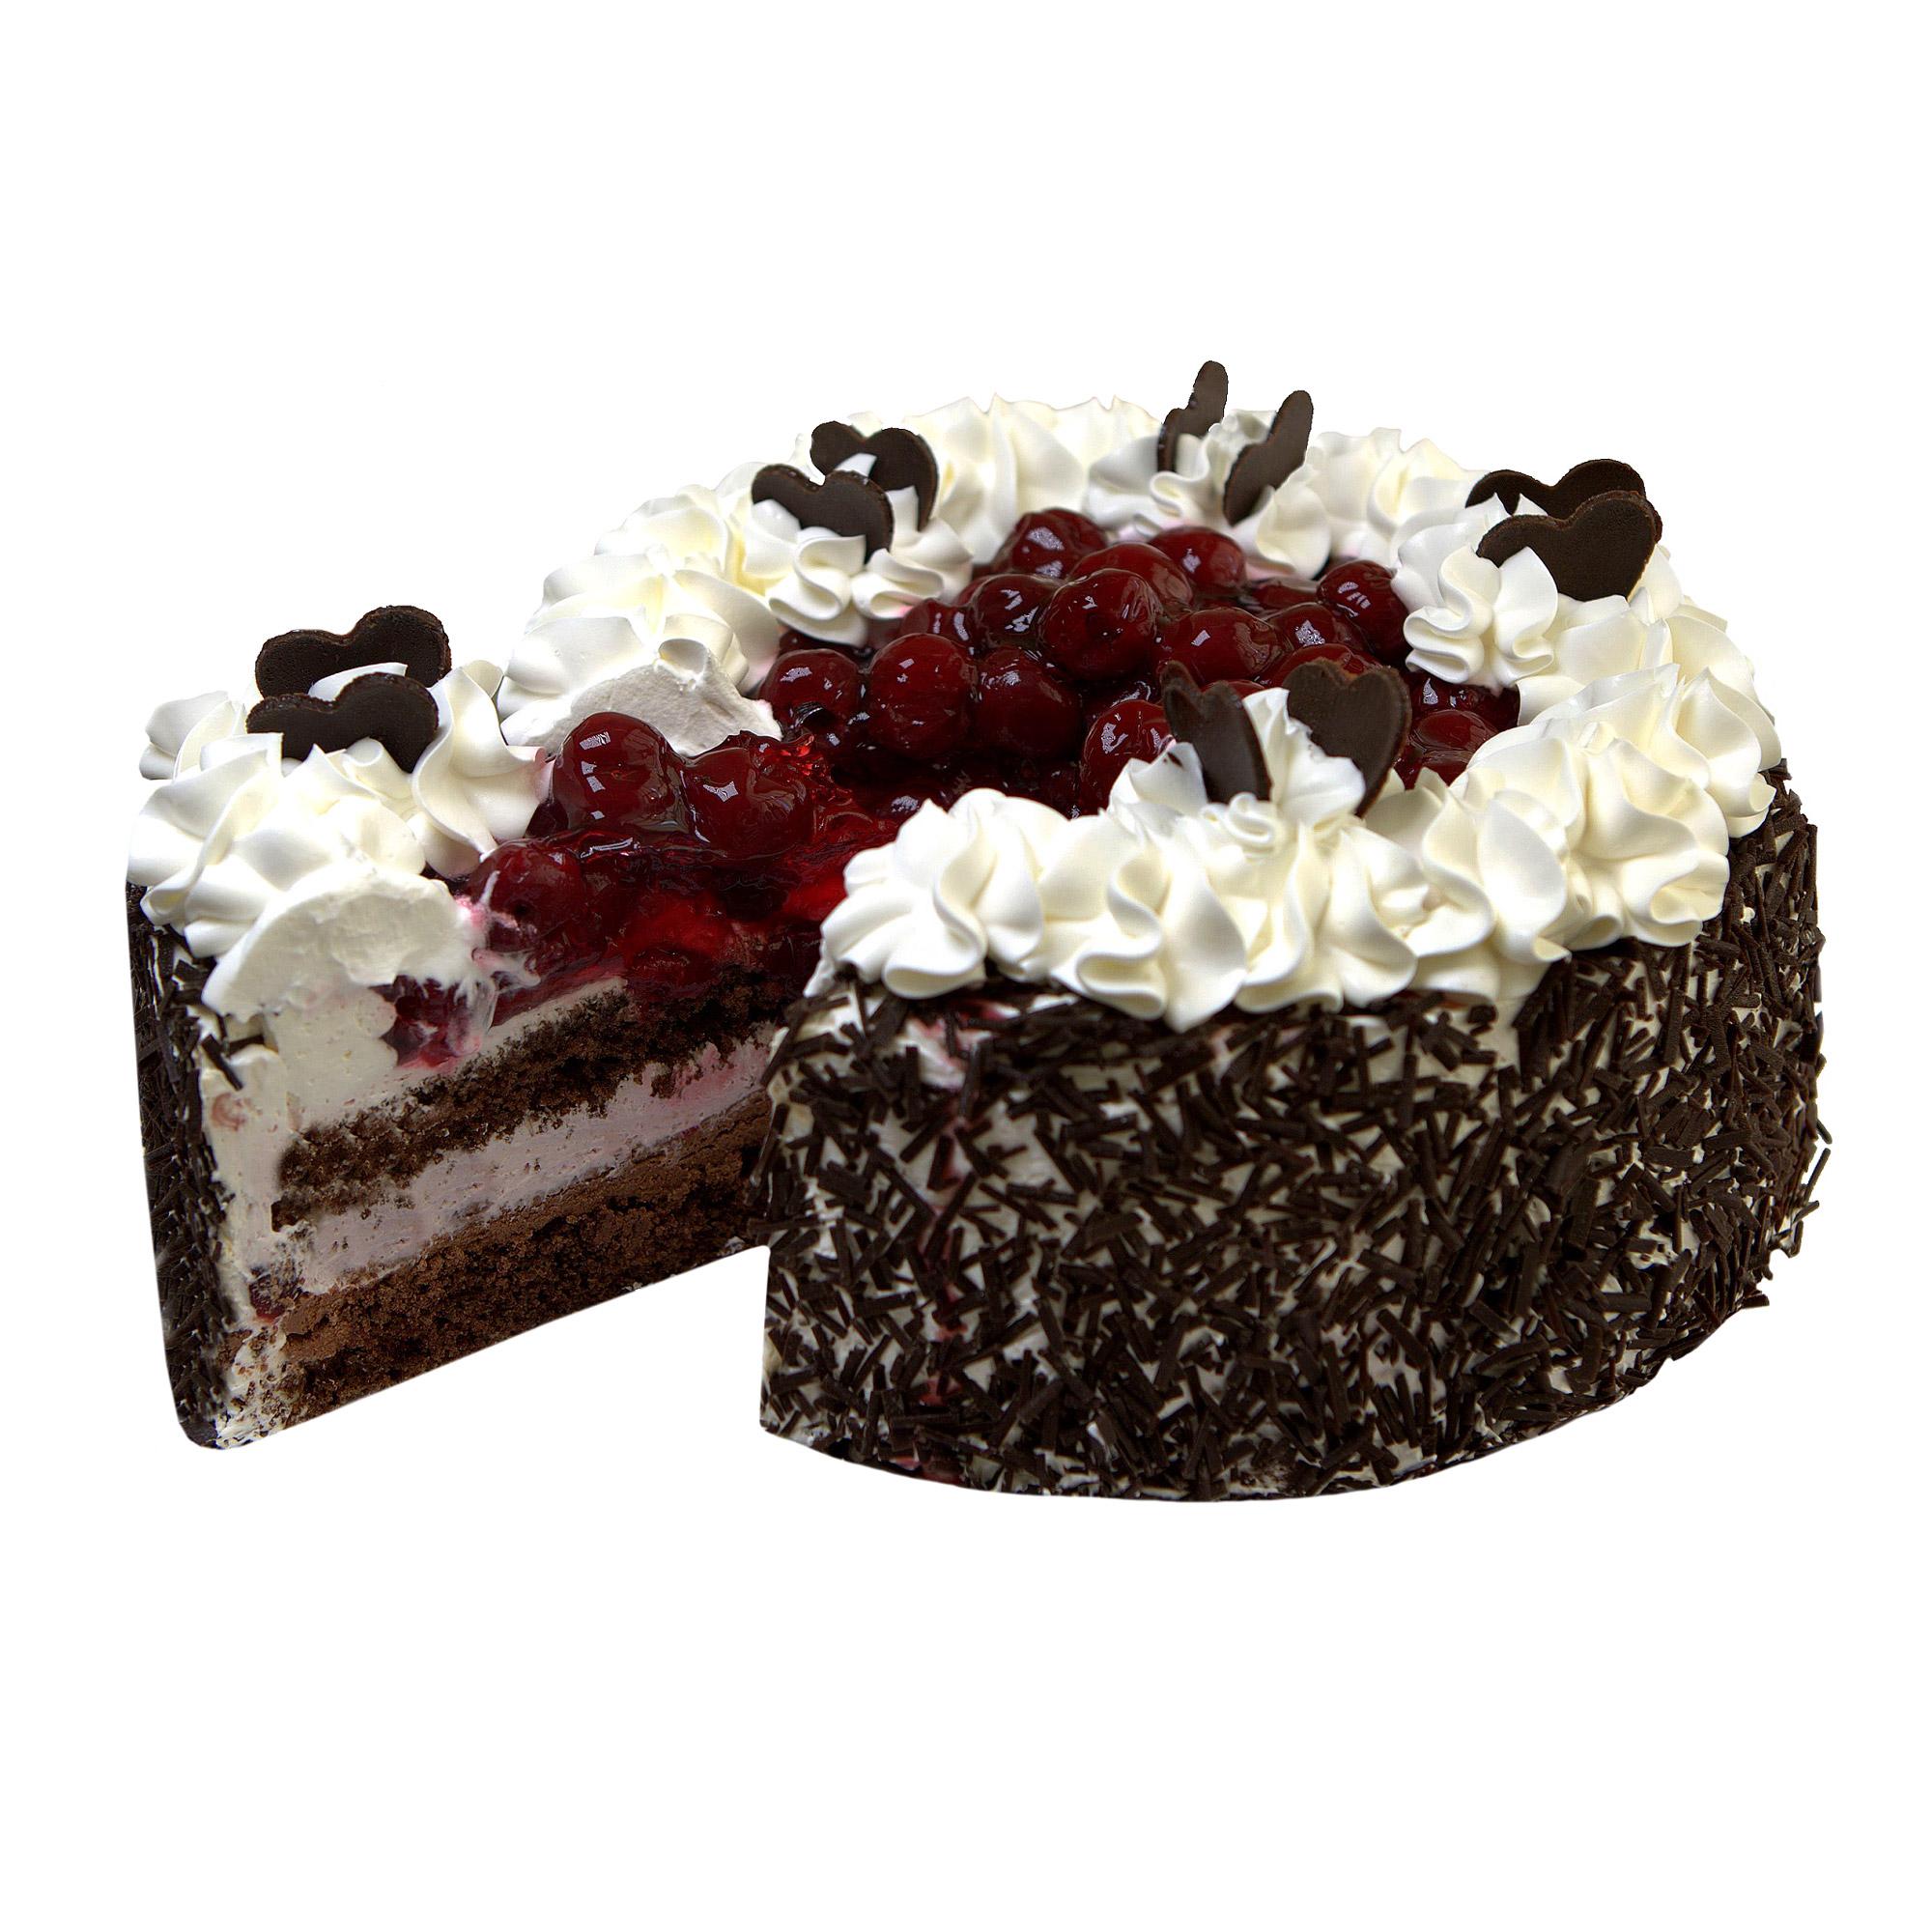 Вишнево-шоколадный торт Шереметьевские торты 1,5 кг